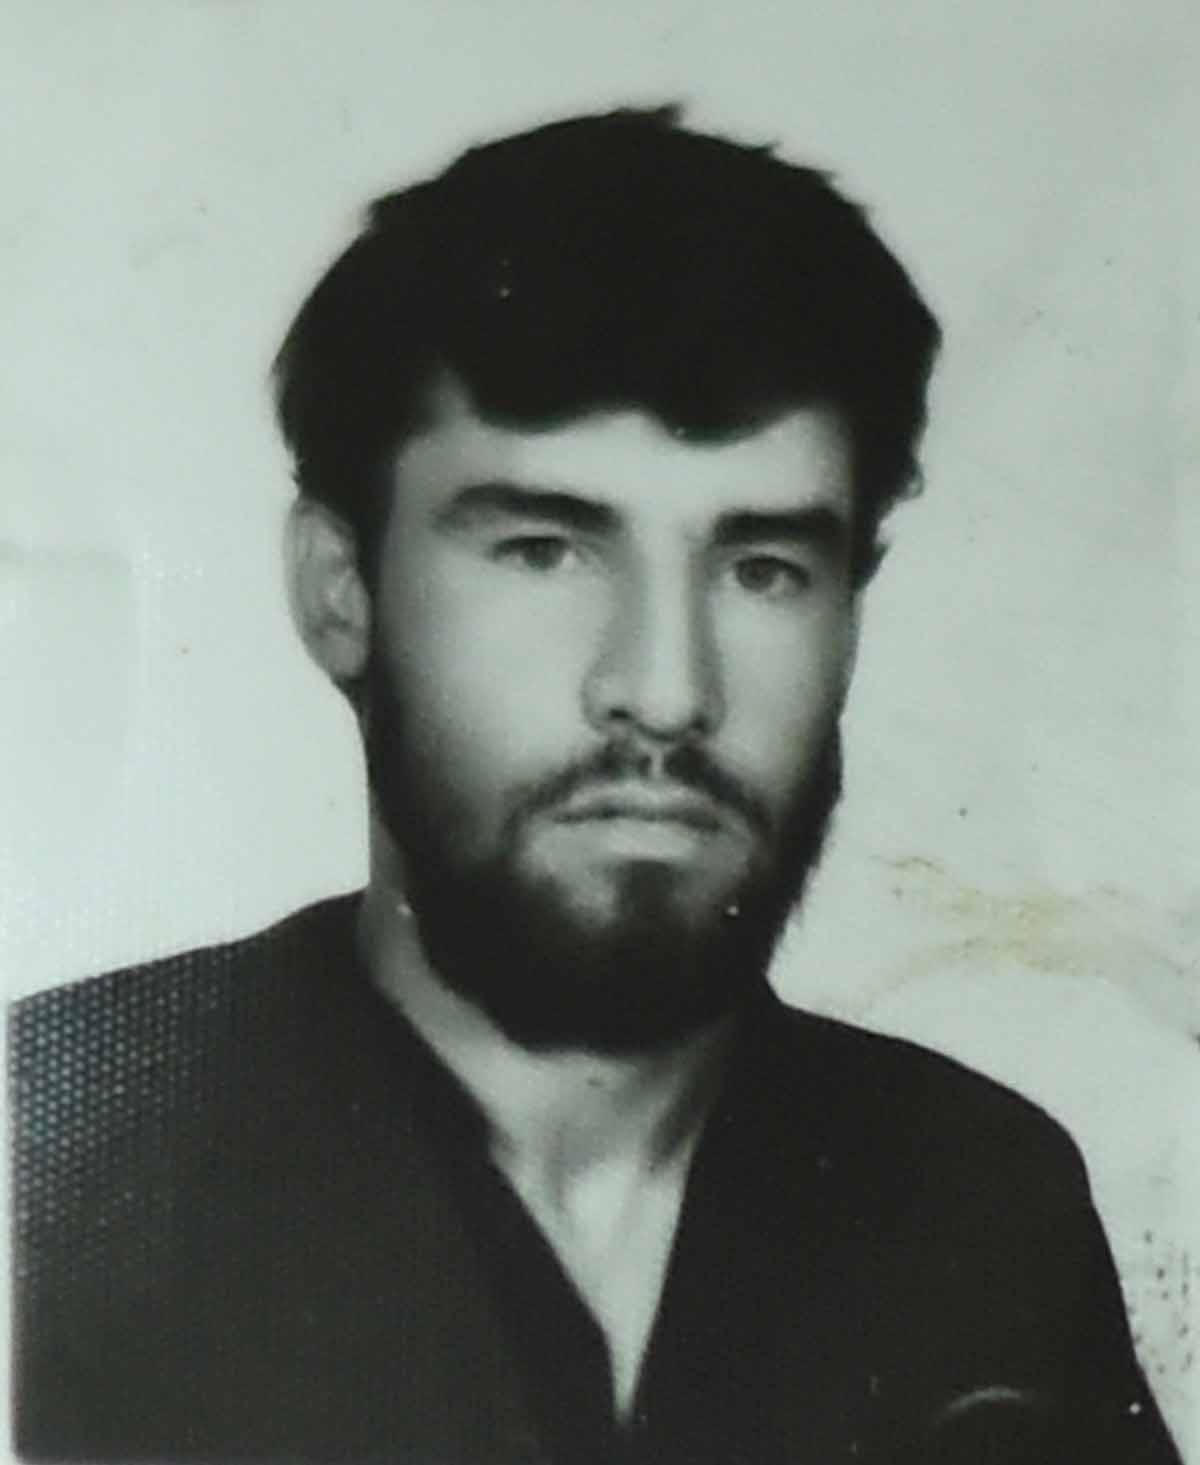 Retrato de Shah Marai durante la época del gobierno talibán, cuando la barba era obligatoria en los hombres